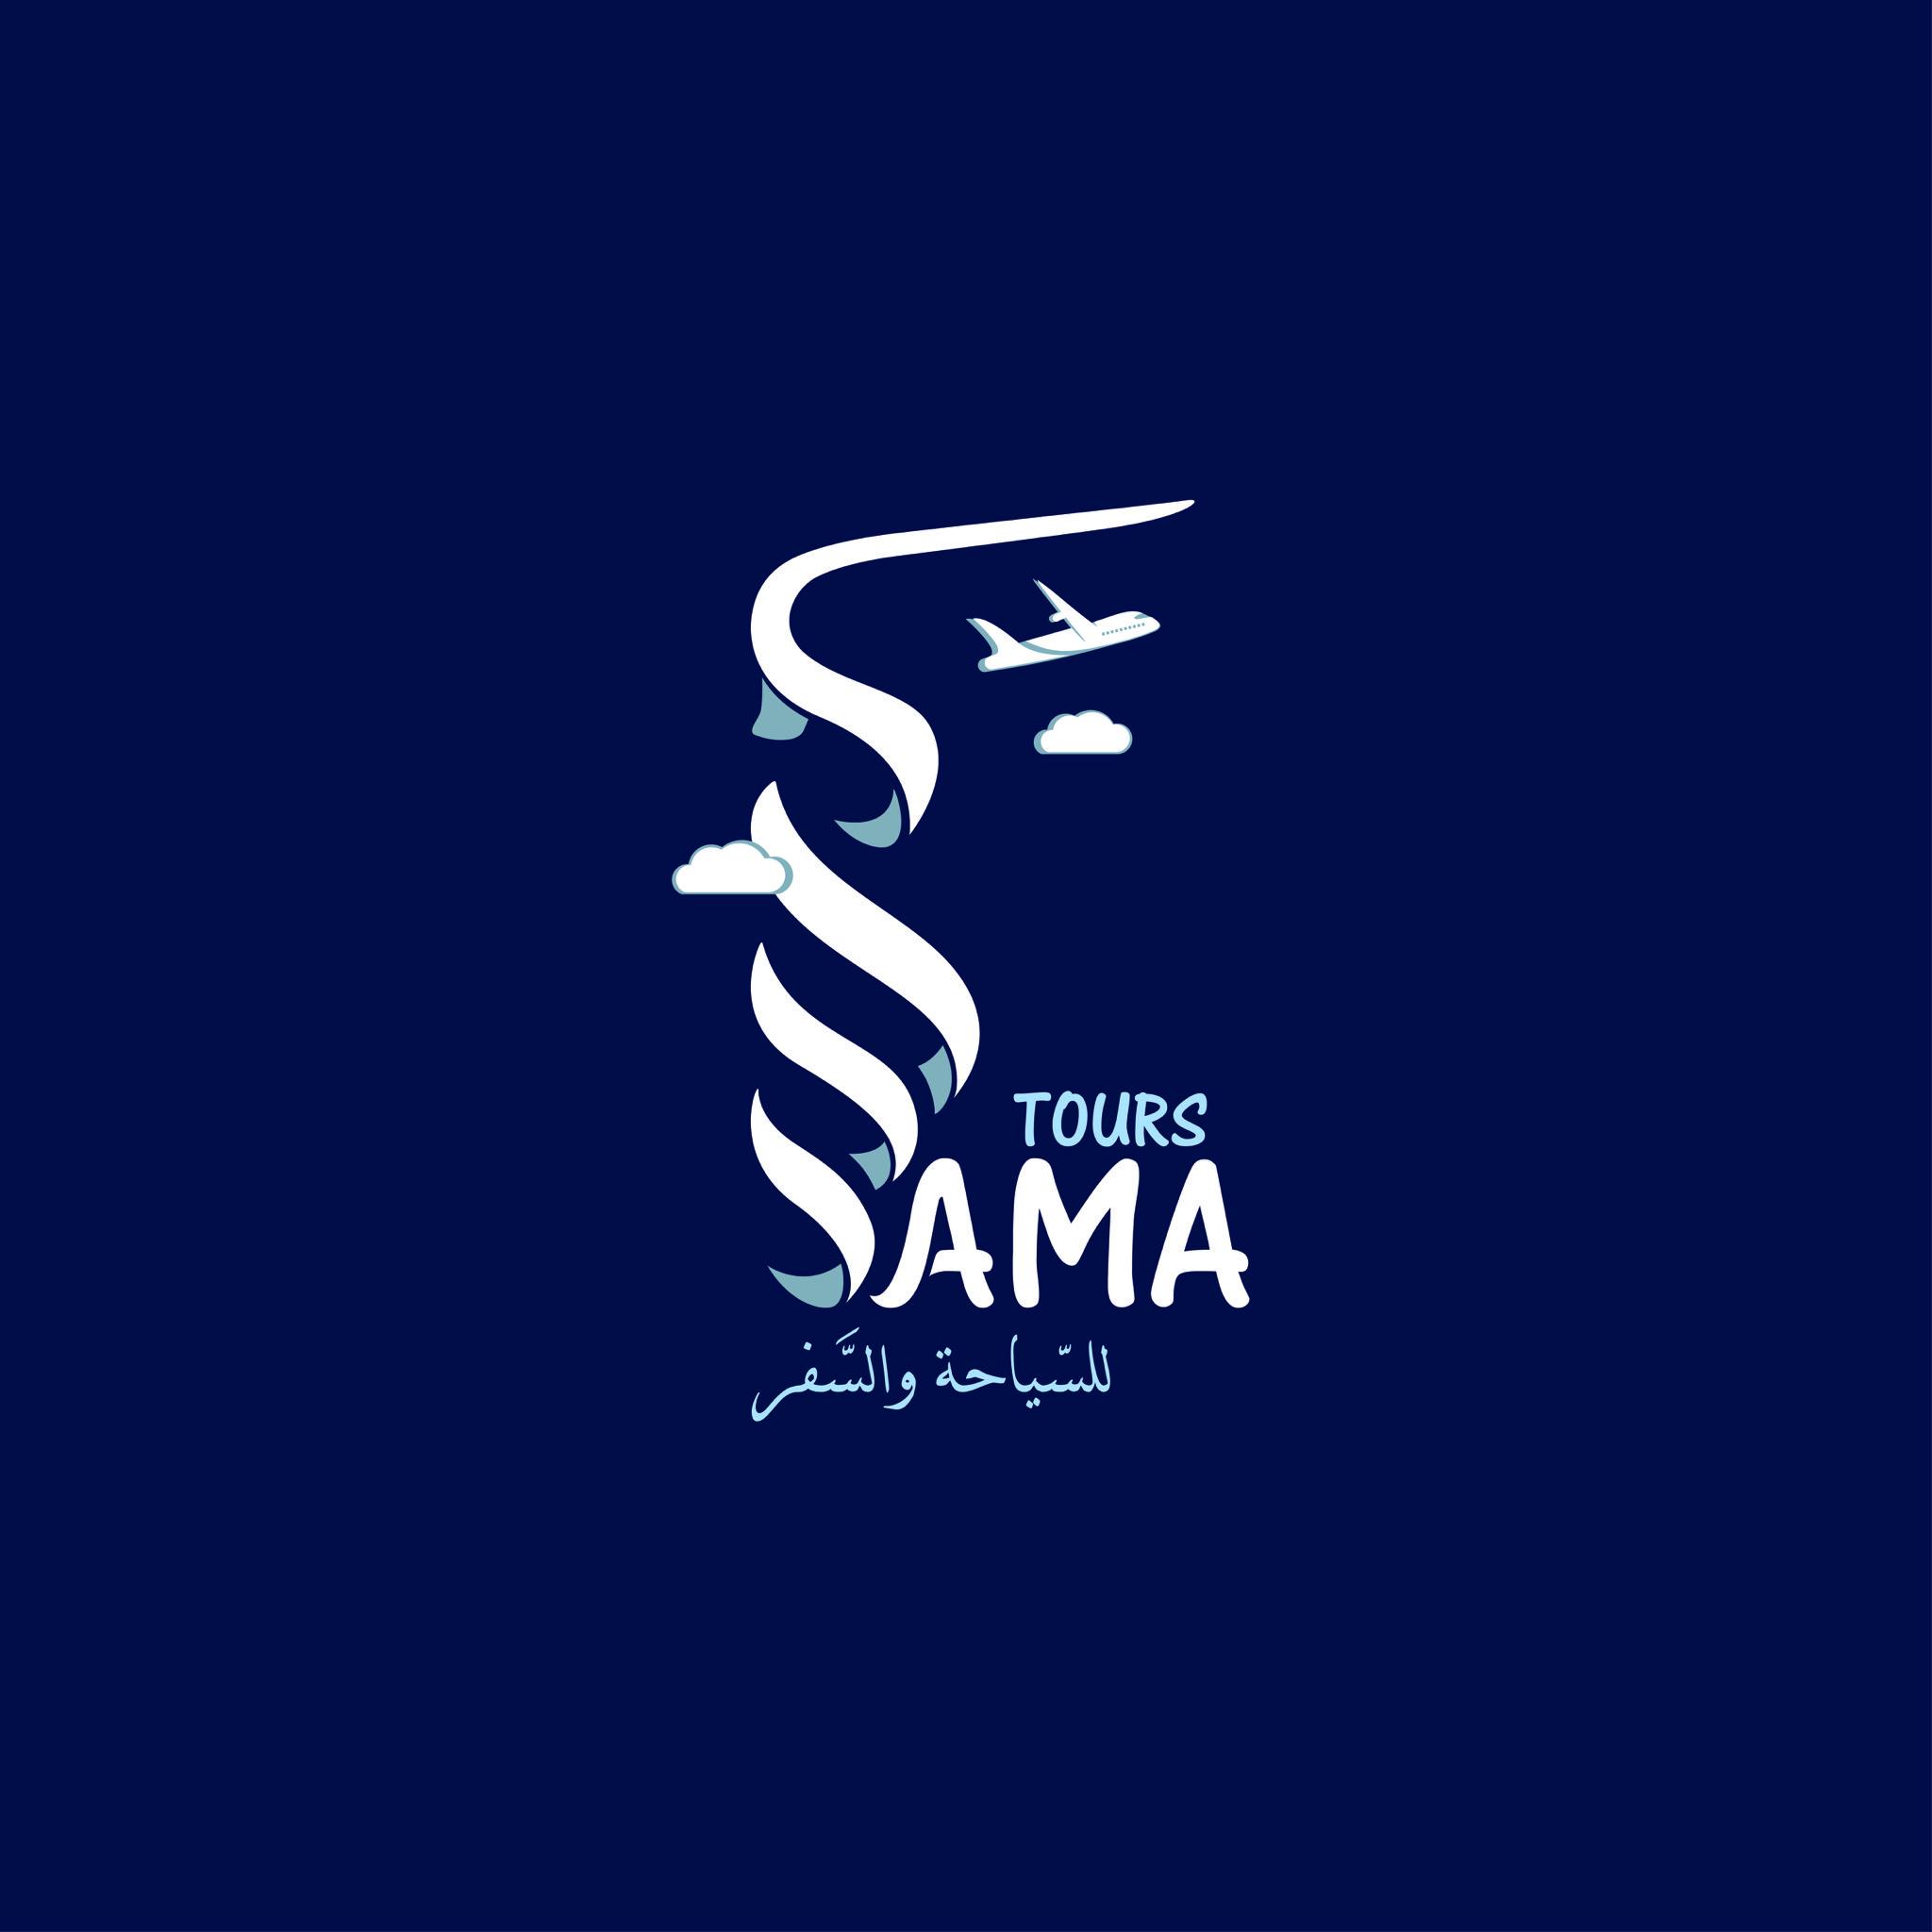 https://www.mncjobsgulf.com/company/sama-tours